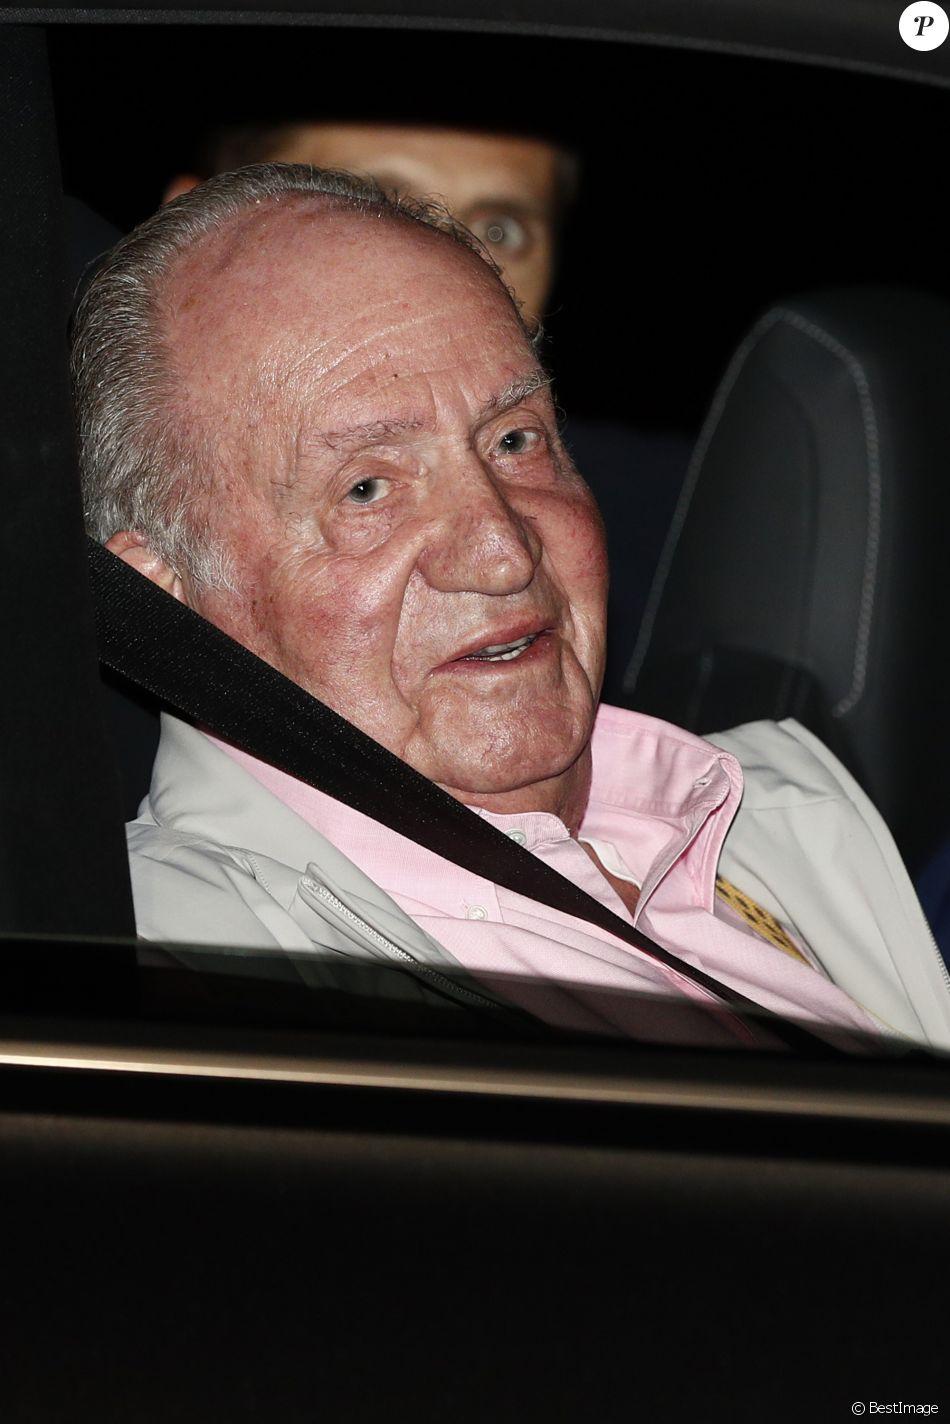 Le roi Juan Carlos 1er arrive à l'hôpital University Hospital Quironsalud Madrid pour subir une opération du coeur le 23 août 2019.